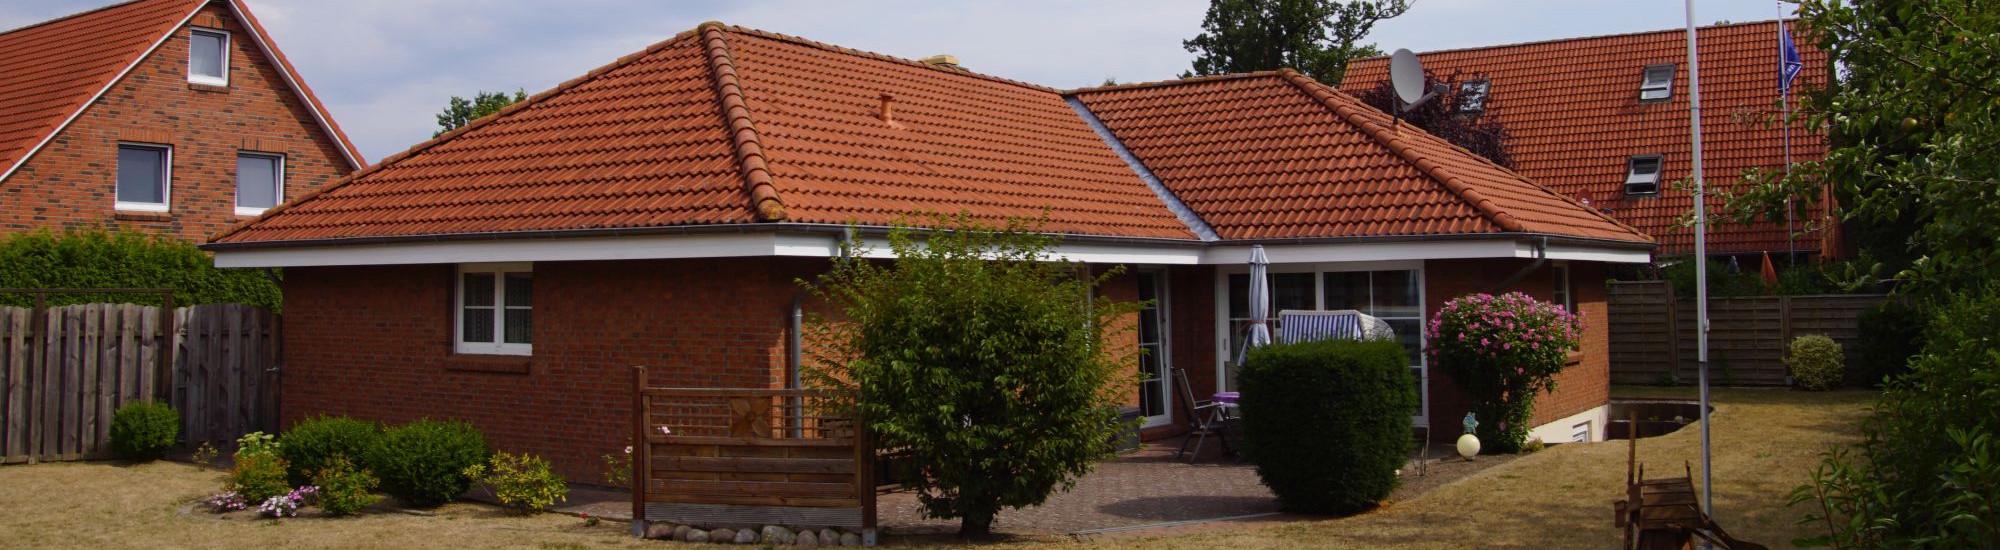 Strandnahes Einfamilienhaus im Herzen Schönbergs